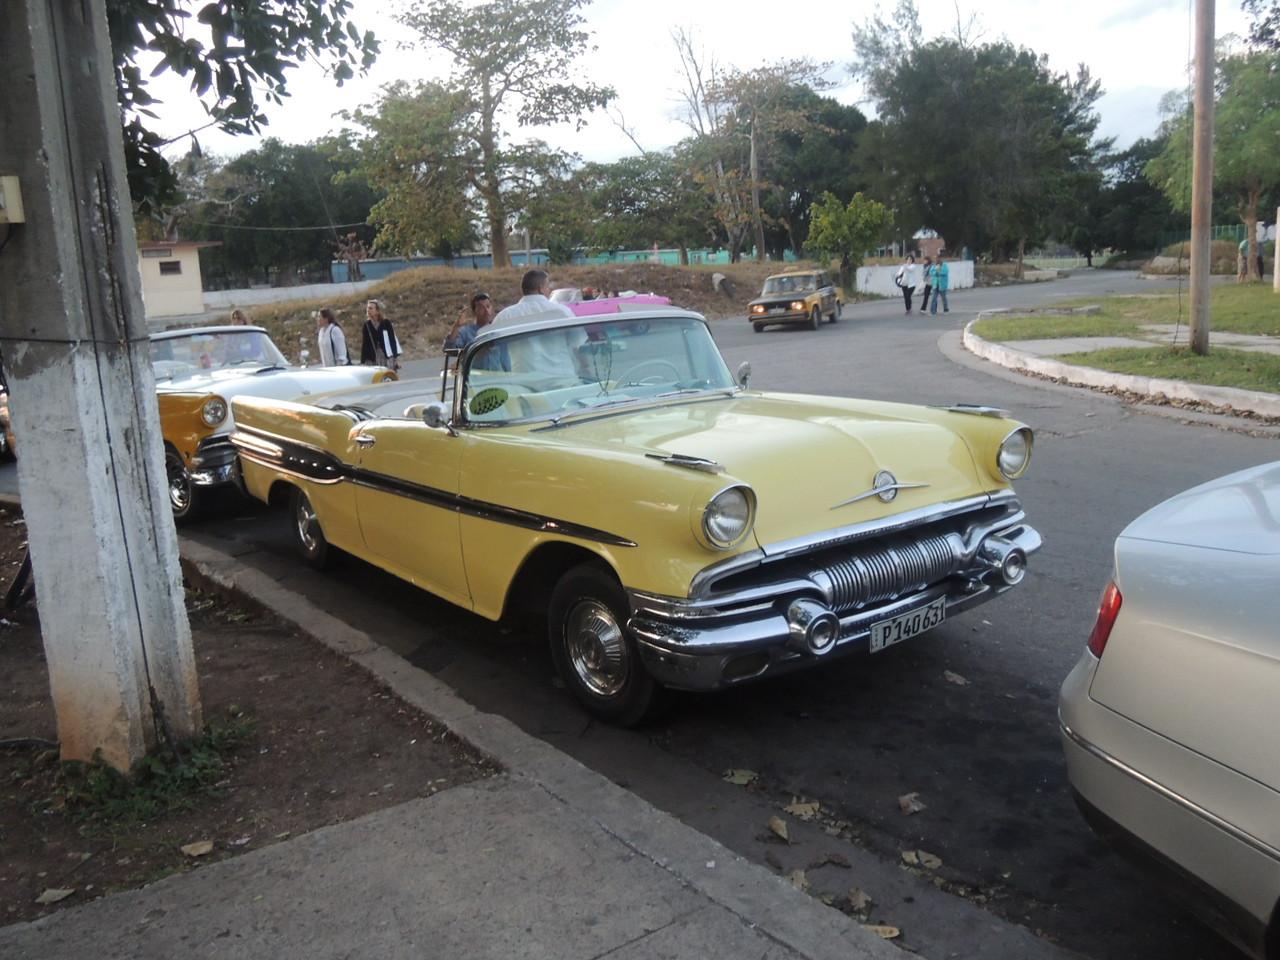 That's one pretty 57 Pontiac!